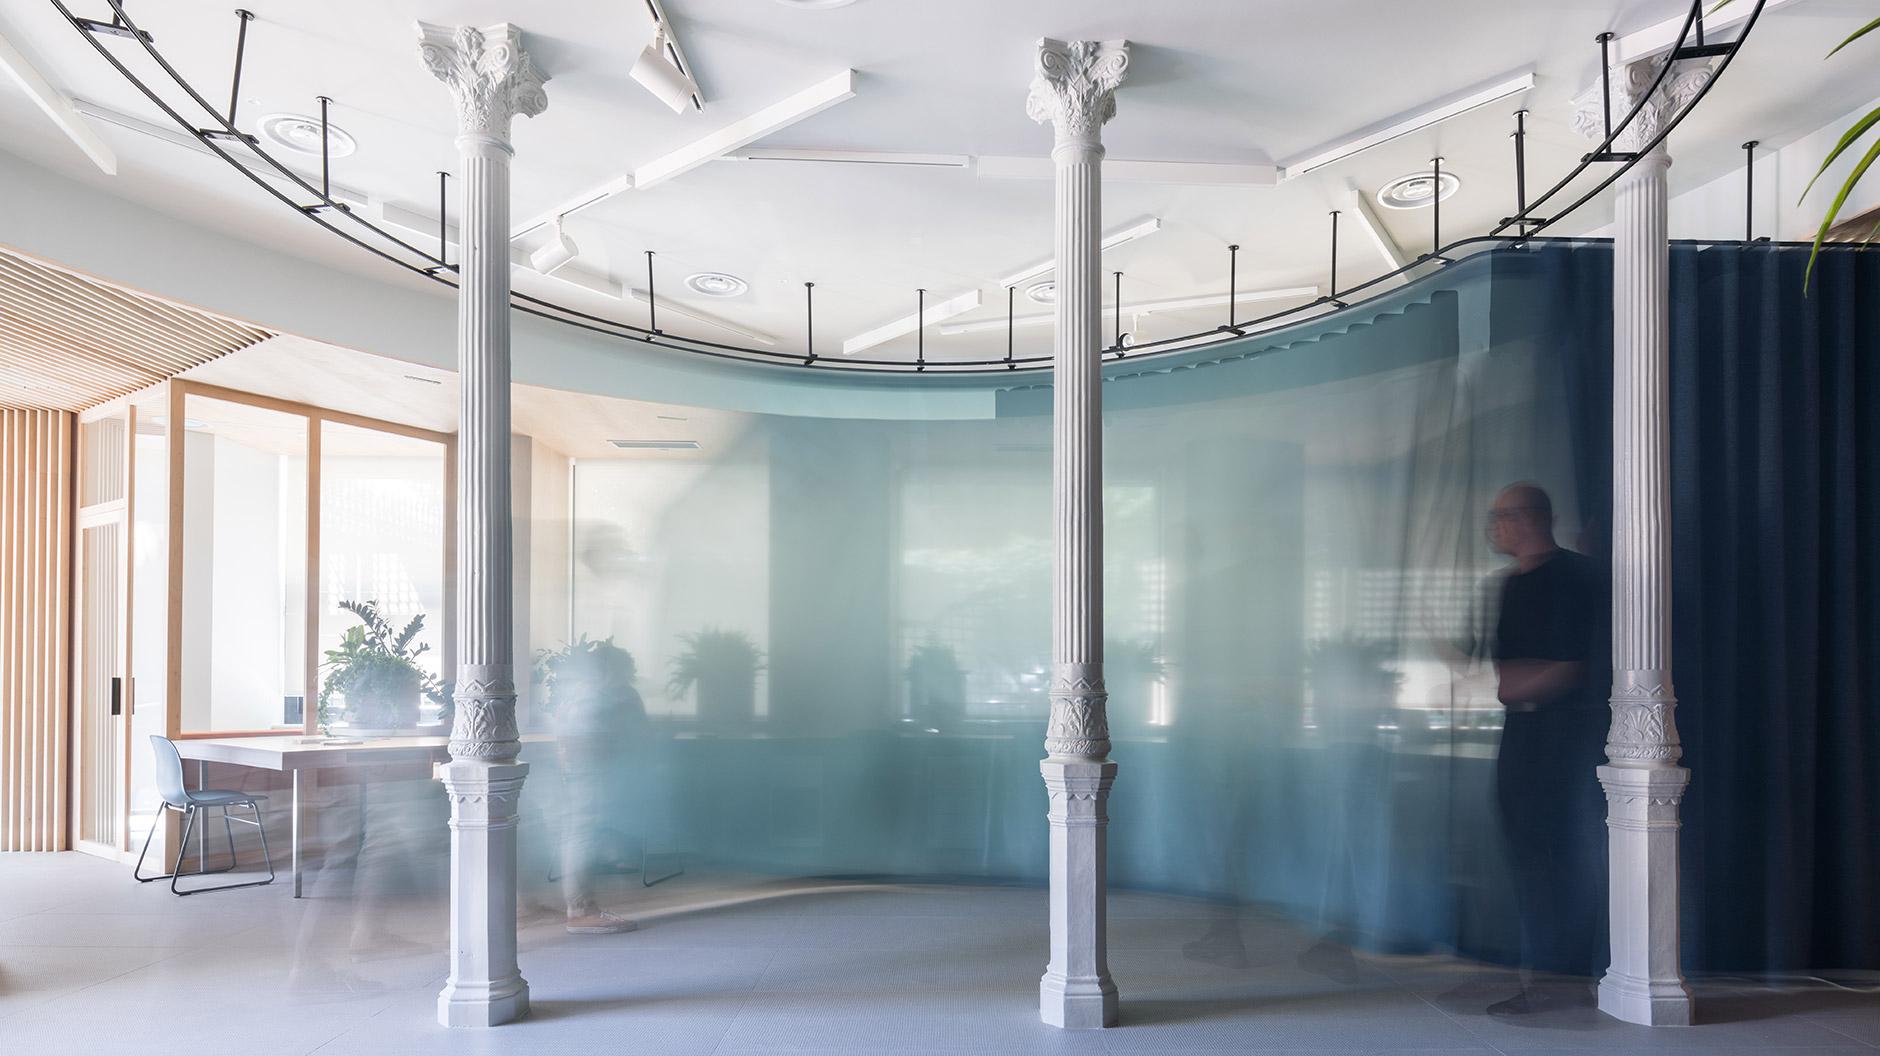 Eine Arbeitslandschaft mit textilen Grenzen von Enorme Studio